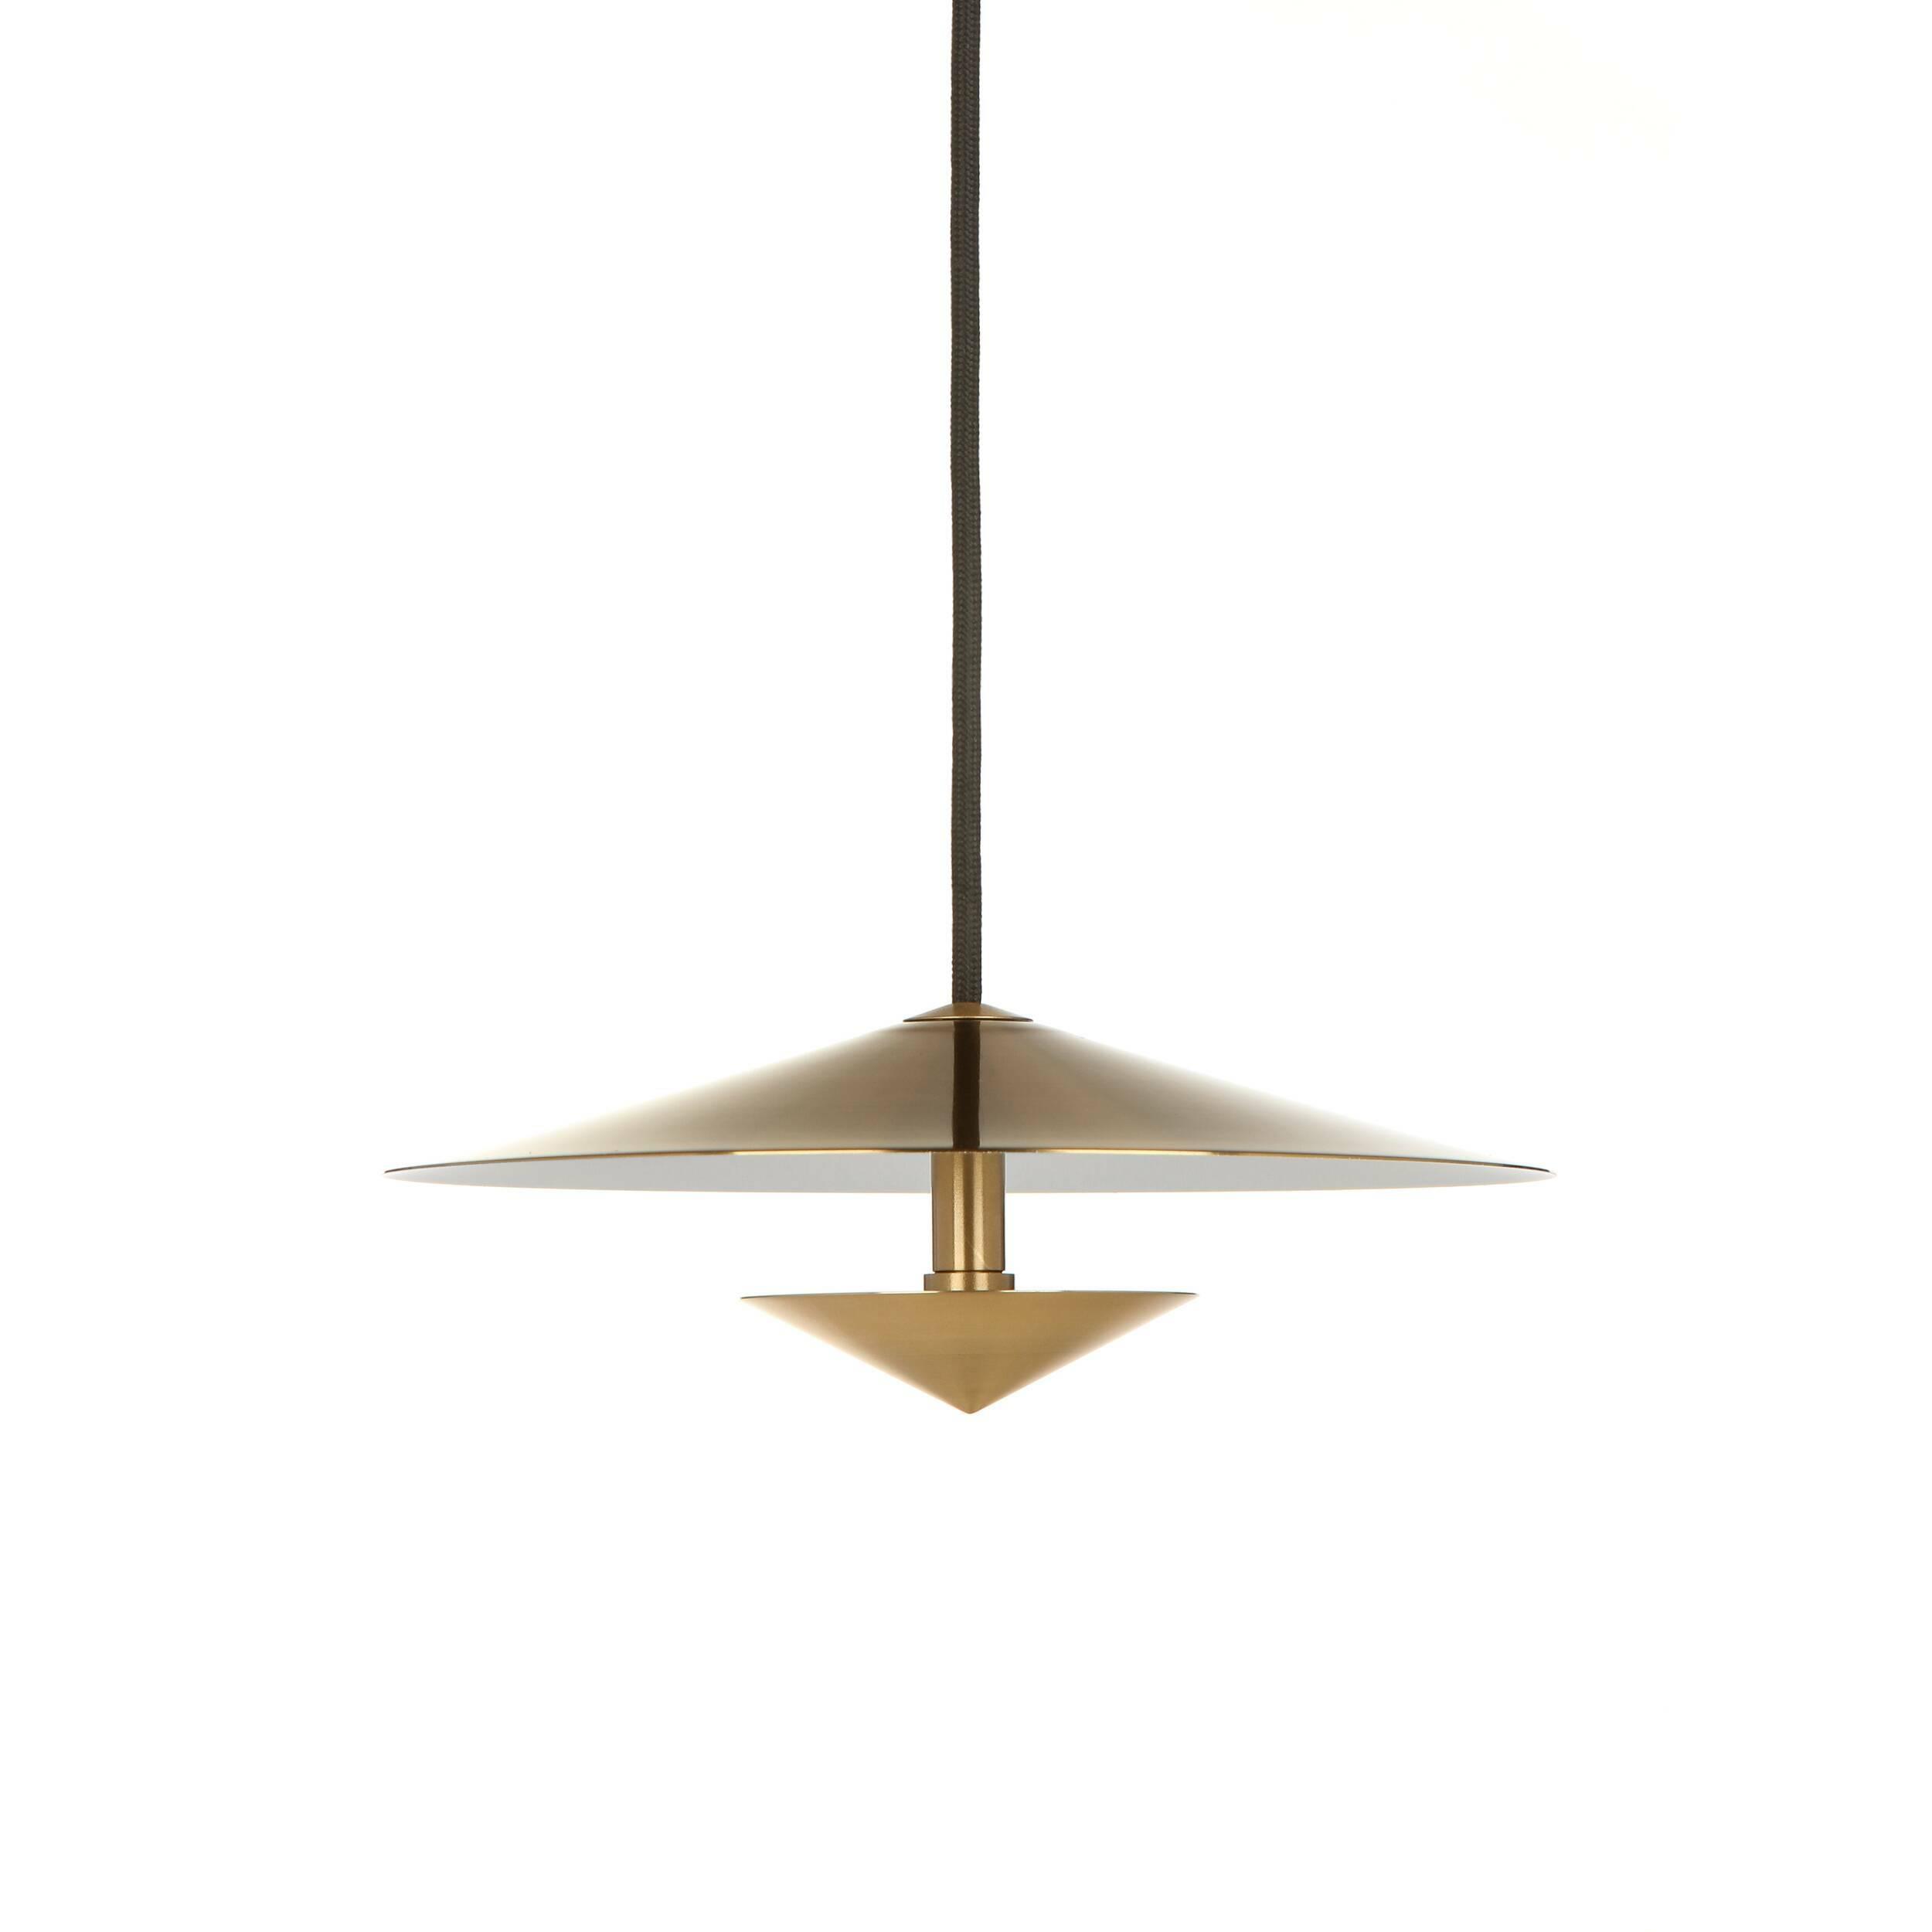 Подвесной светильник IwateПодвесные<br>Одним из самых интересных и экзотичных интерьерных стилей без сомнения является японский стиль. Дизайнерский подвесной светильник Iwate (Ивате) выполнен именно в этом необычном формате – в его основе сдержанность, минимализм, стремление к гармонии и утонченной красоте.<br><br><br> Модель изготавливается мастерами из наиболее прочных и надежных материалов – стали и алюминия. При этом изделие выглядит очень мягко и элегантно, это достигается благодаря уникальному дизайну и красивейшему золотому ...<br><br>stock: 10<br>Высота: 9<br>Диаметр: 25<br>Доп. цвет абажура: Белый<br>Материал абажура: Алюминий<br>Материал арматуры: Сталь<br>Мощность лампы: 12<br>Напряжение: 200-240<br>Теплота света: 3000<br>Тип лампы/цоколь: LED<br>Цвет абажура: Золотой<br>Цвет арматуры: Золотой<br>Цвет провода: Черный